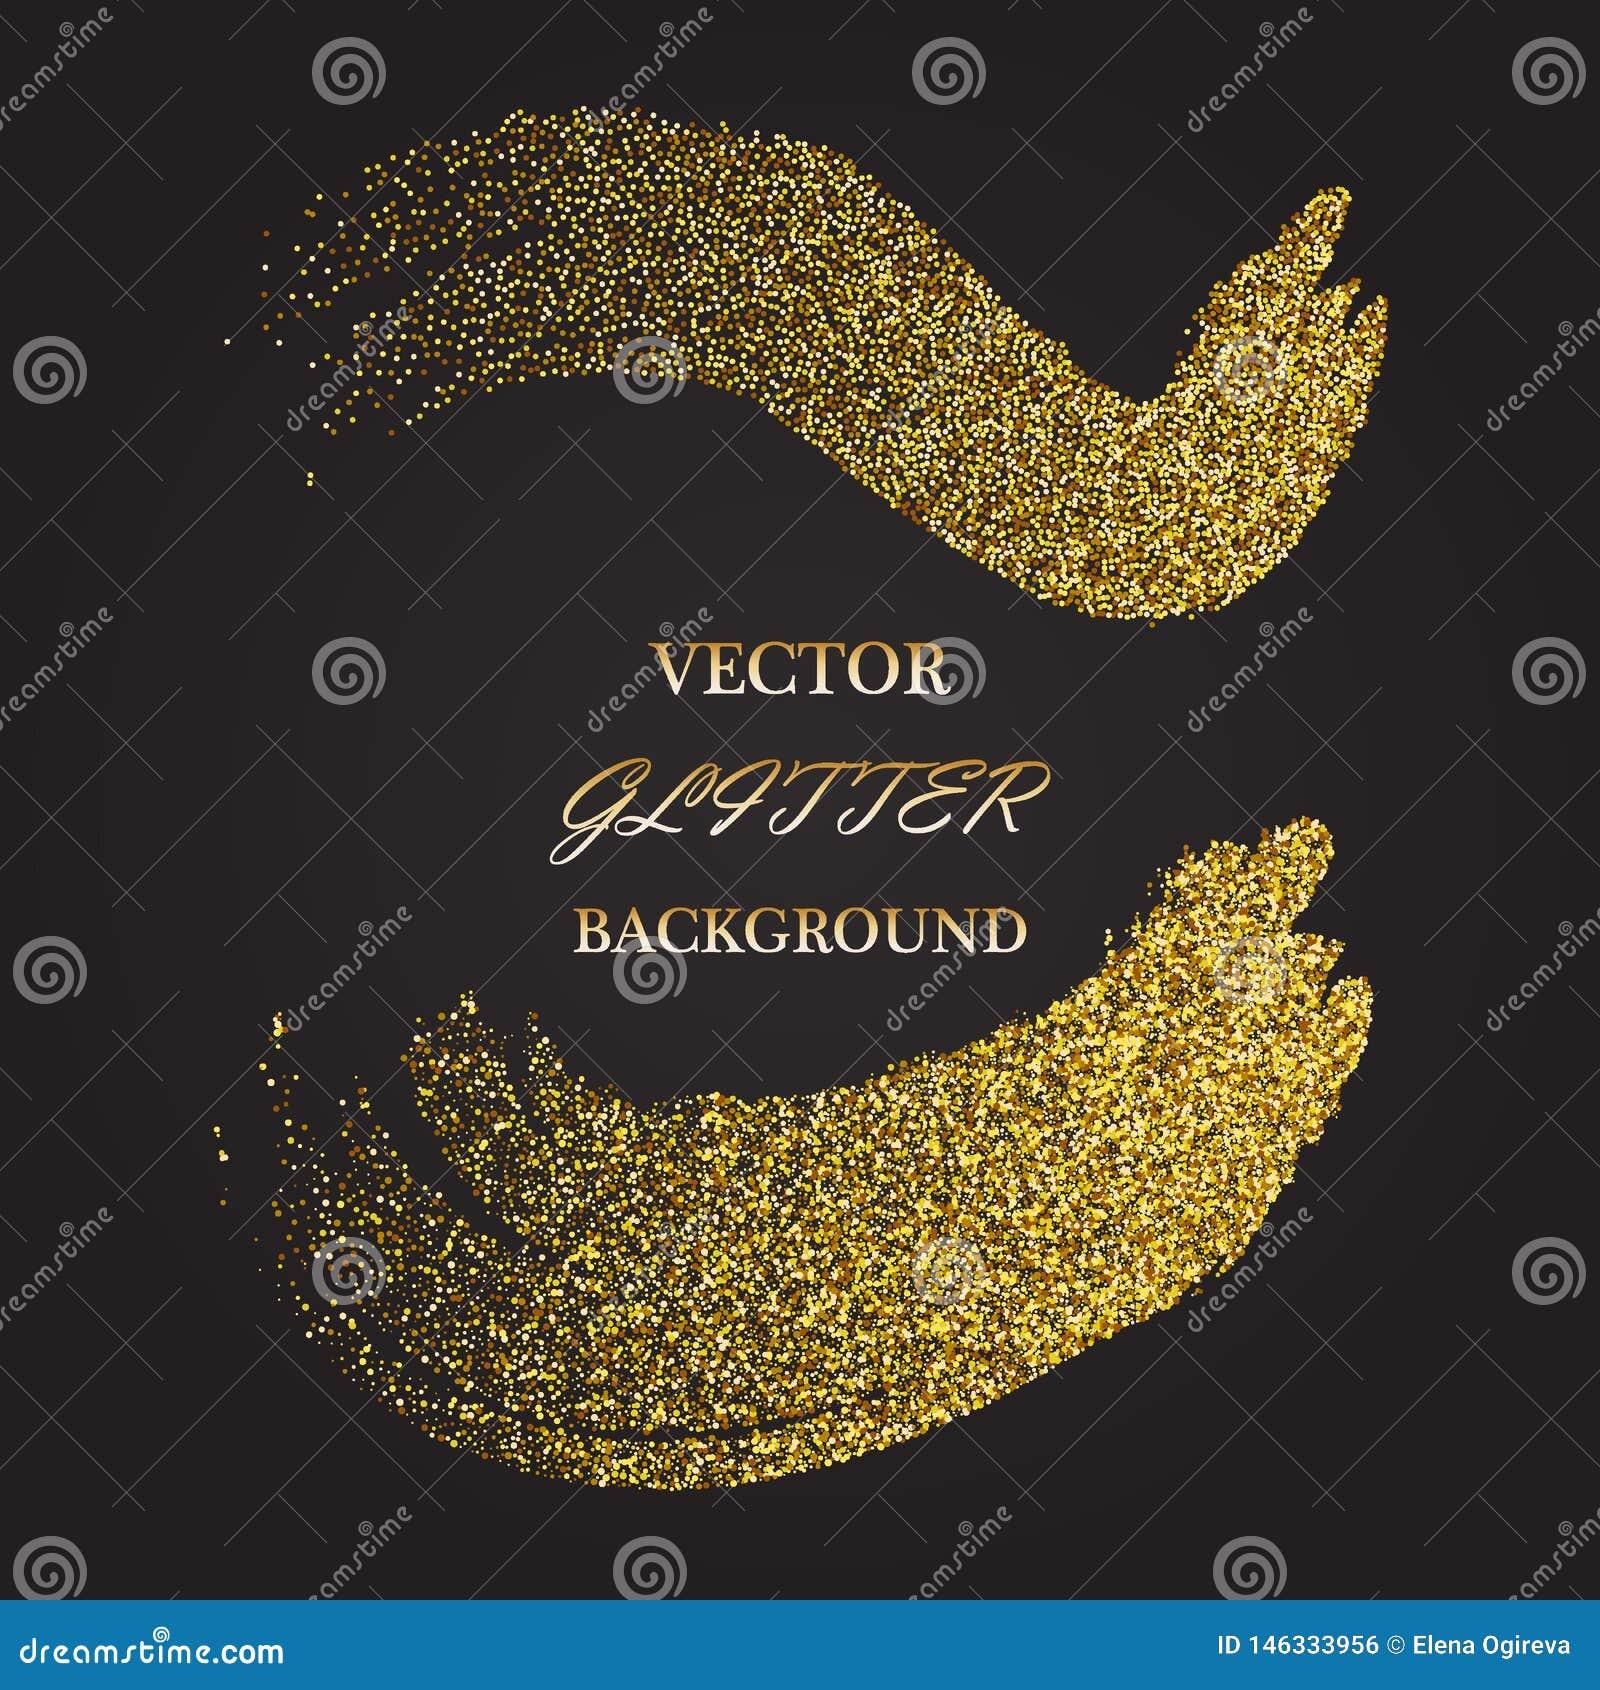 Elemento brillante abstracto del dise?o de la onda del oro del color del vector con efecto del brillo sobre fondo oscuro